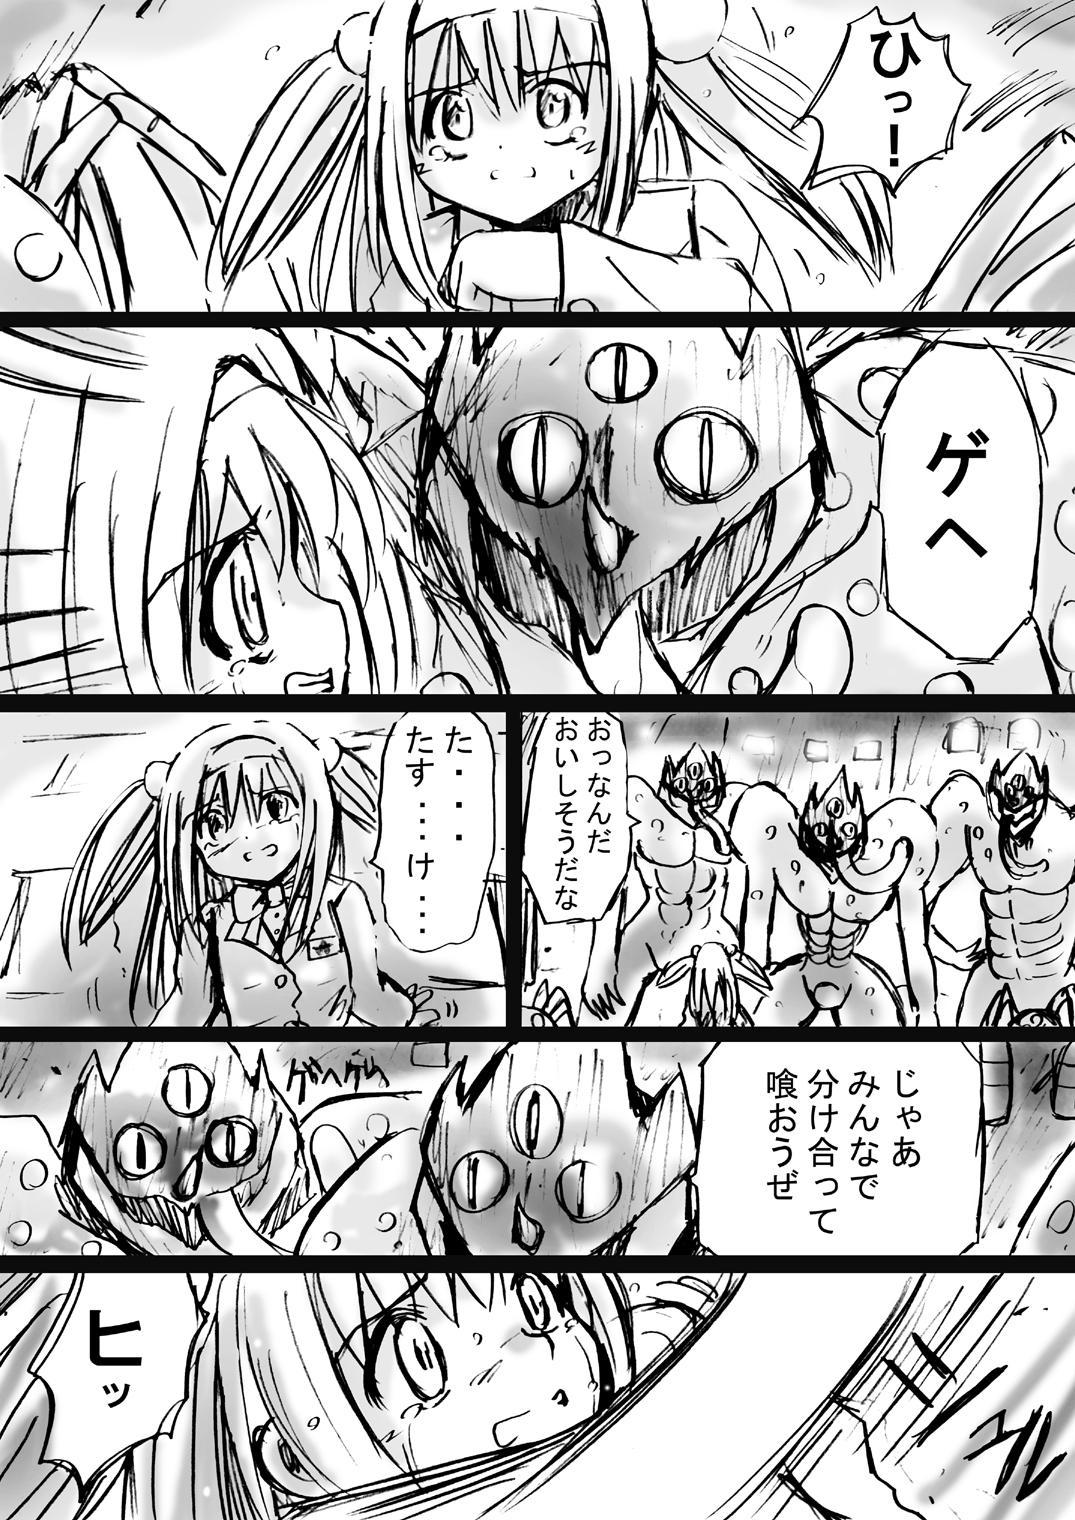 [Dende] Fushigi Sekai -Mystery World- Nonoha 5 ~Jokuma no Kyouniku no Tainai Shinshoku~ 22